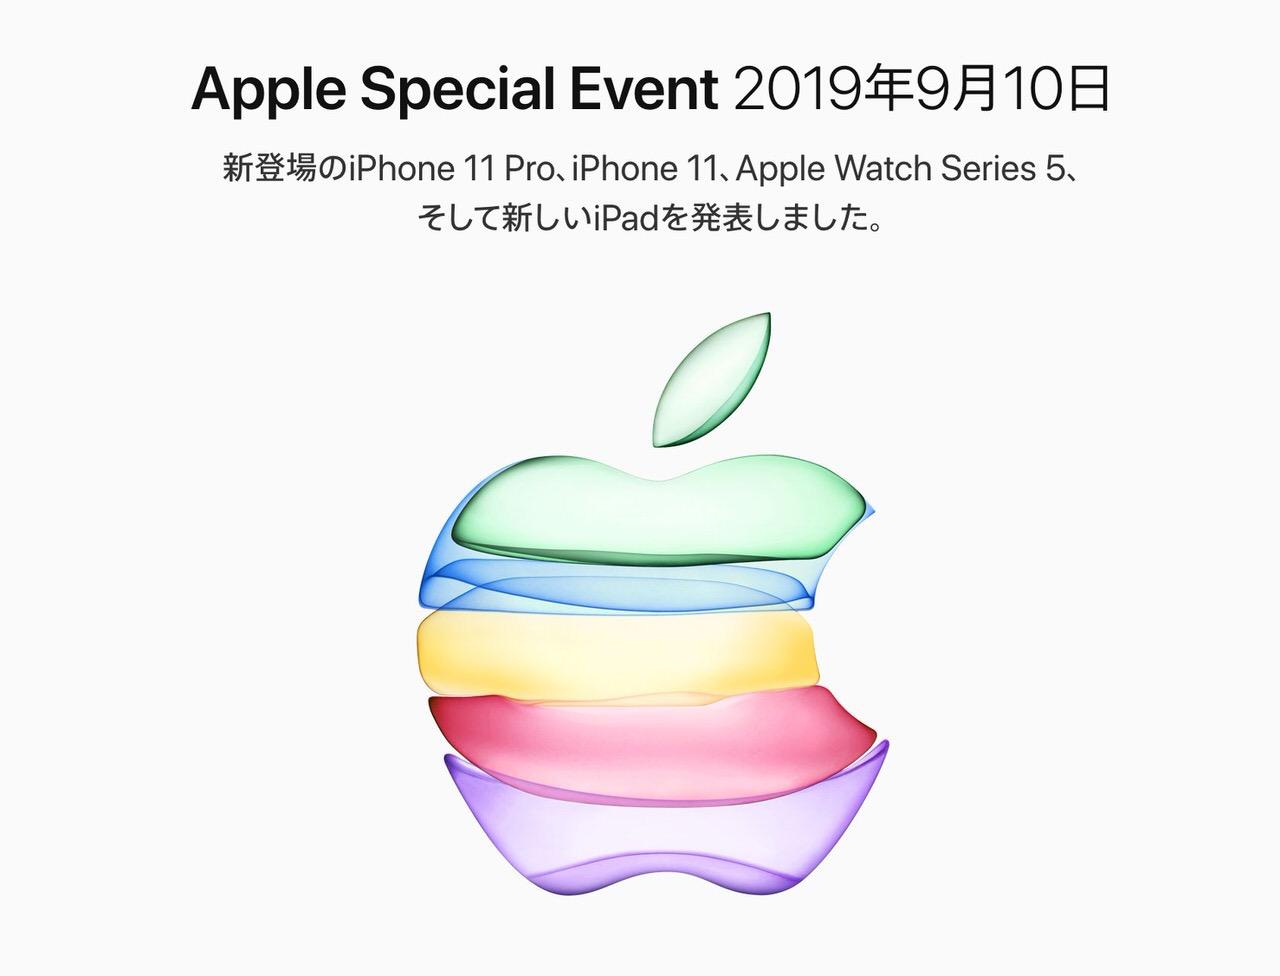 新しいMacBook Proなどが発表されるAppleイベントは10月29日に開催か?